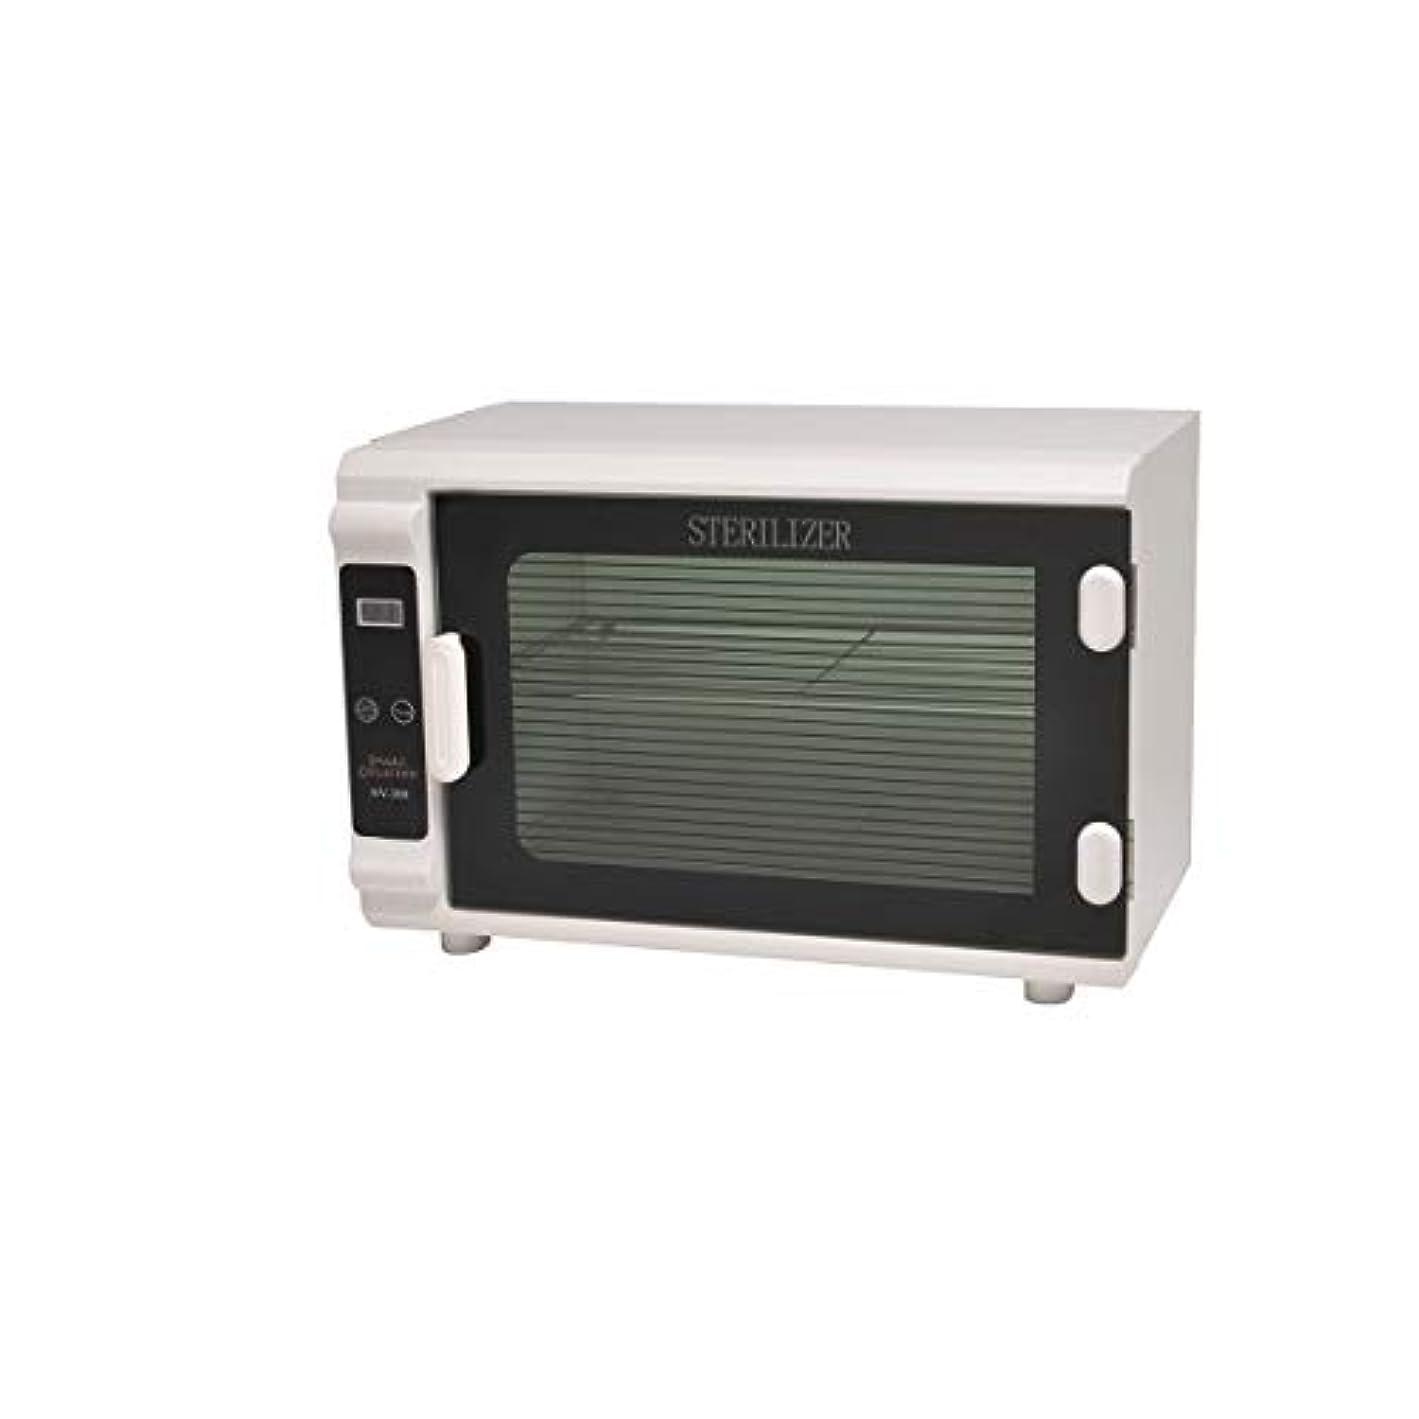 抑制するキャスト研磨剤タイマー付紫外線消毒器NV-308EX(PHILIPS社製ライト採用)